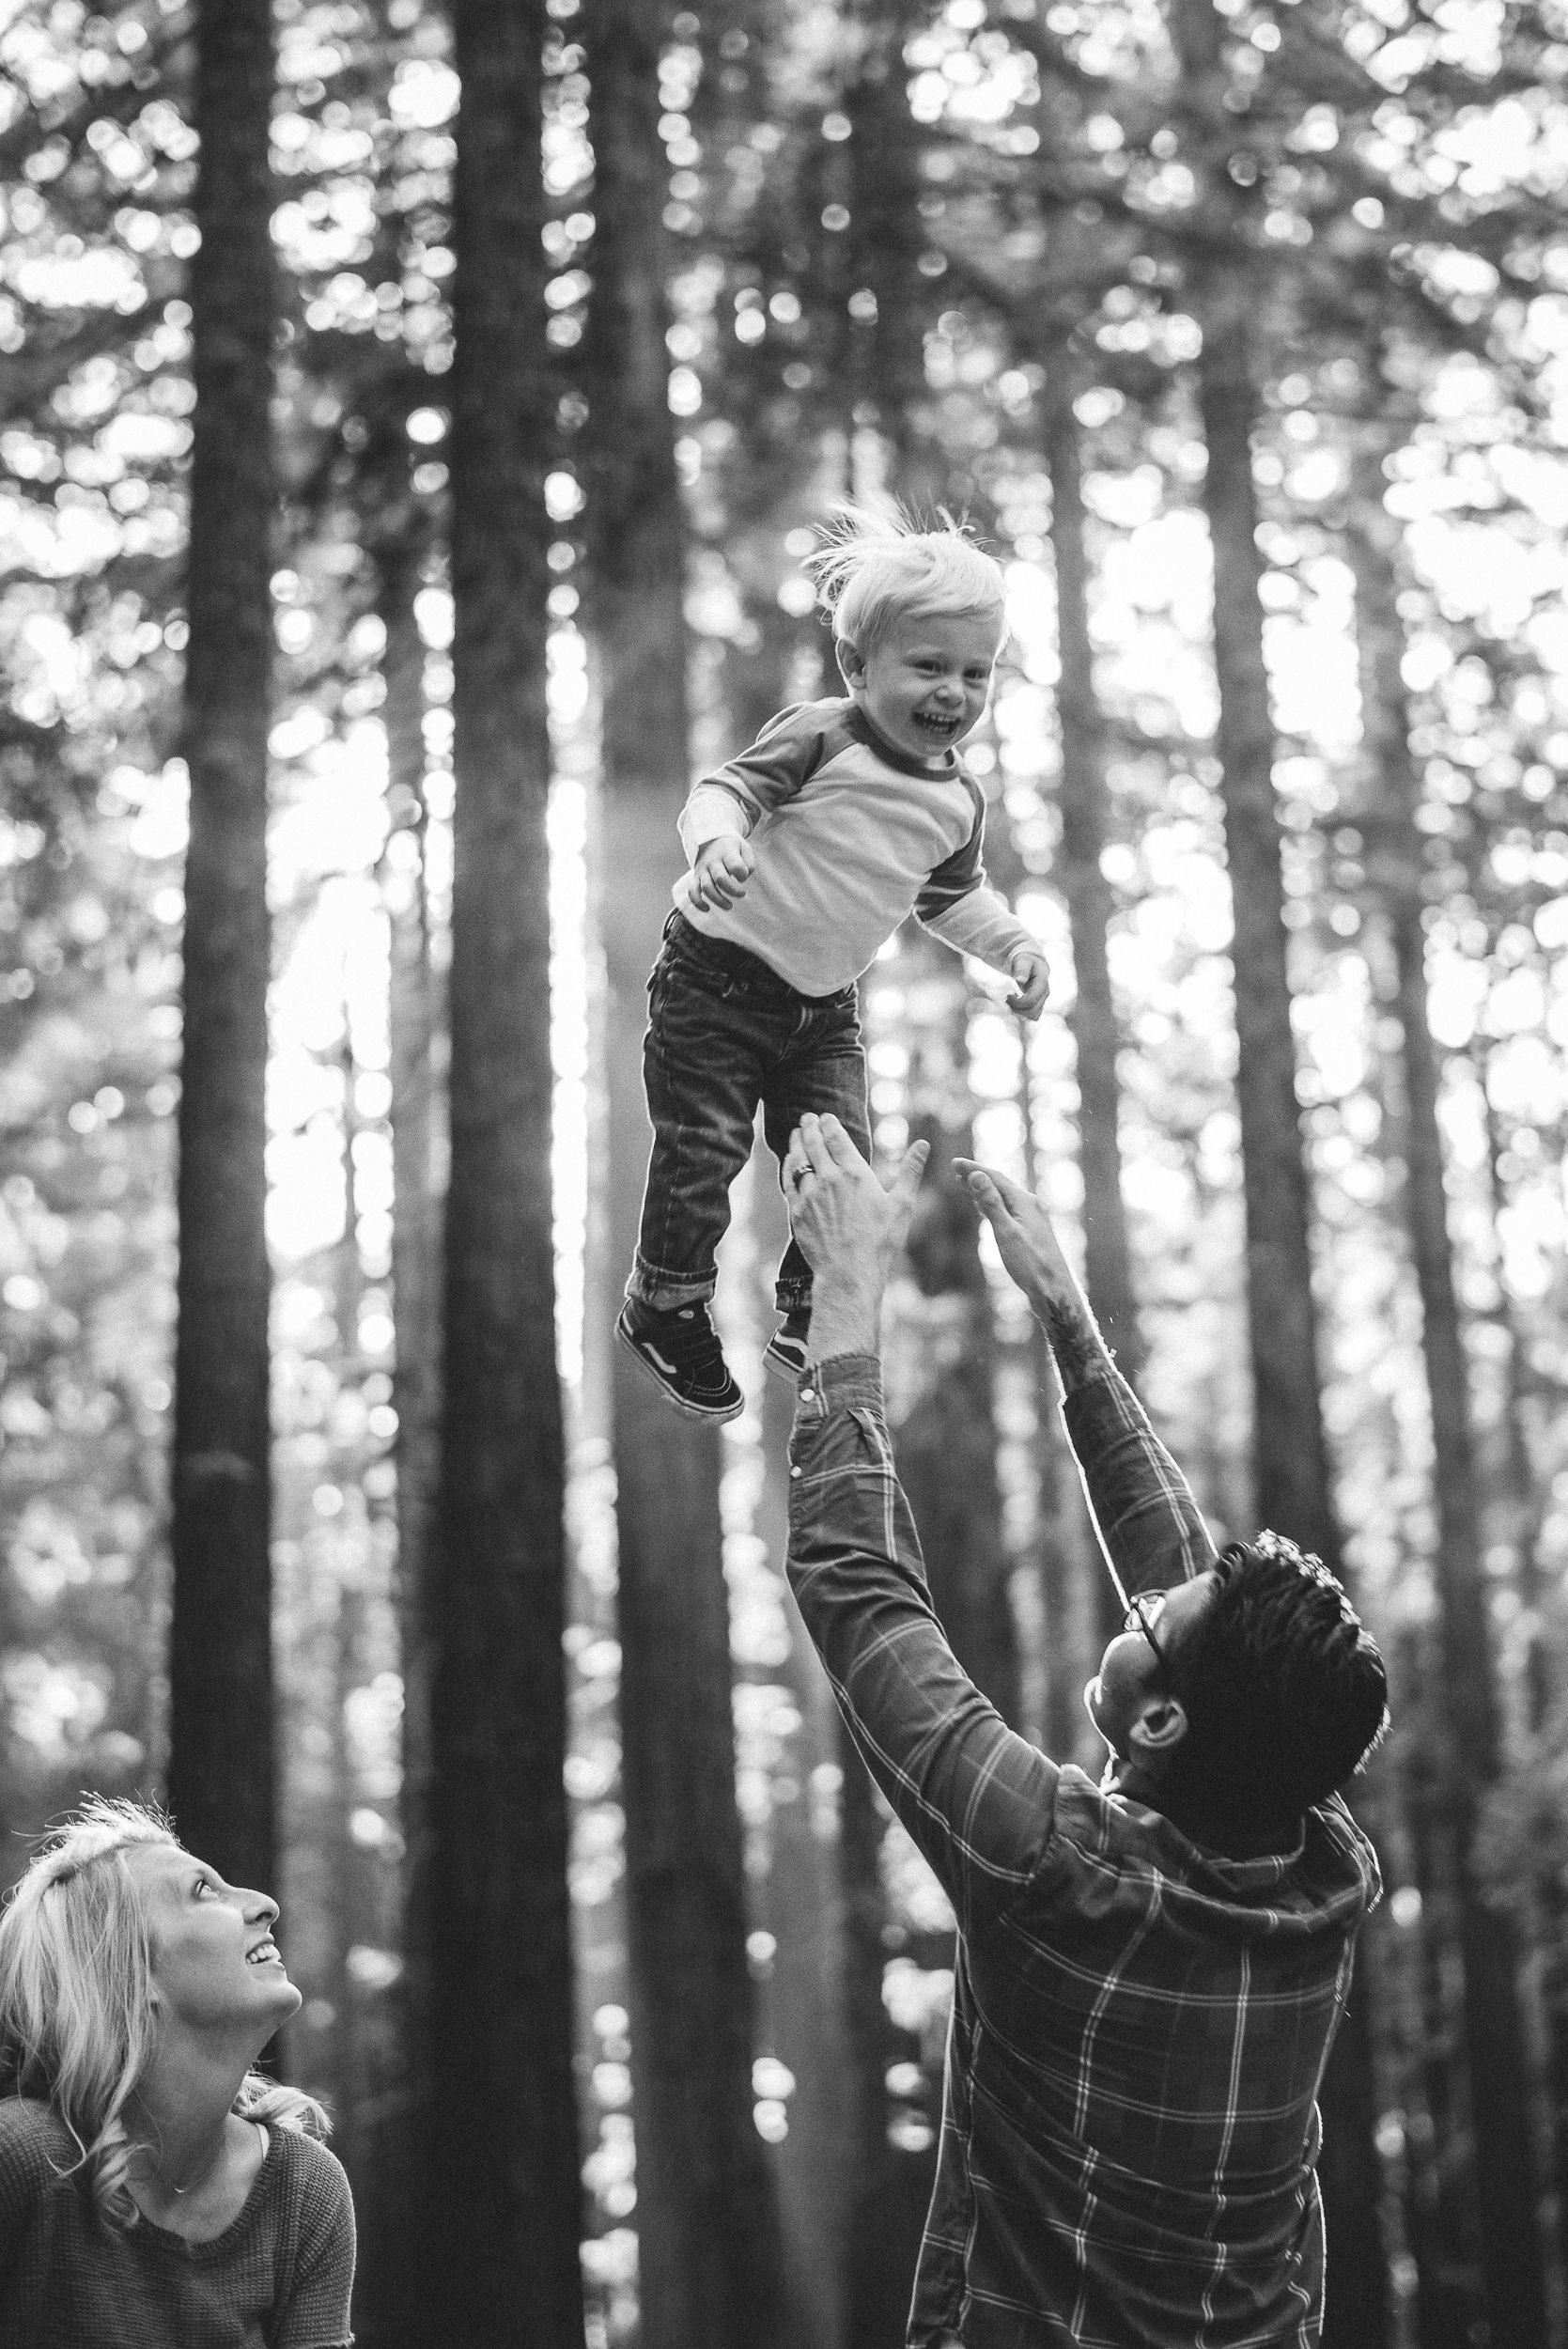 San-Francisco-Bay-Area-Family-Photography-0008.jpg